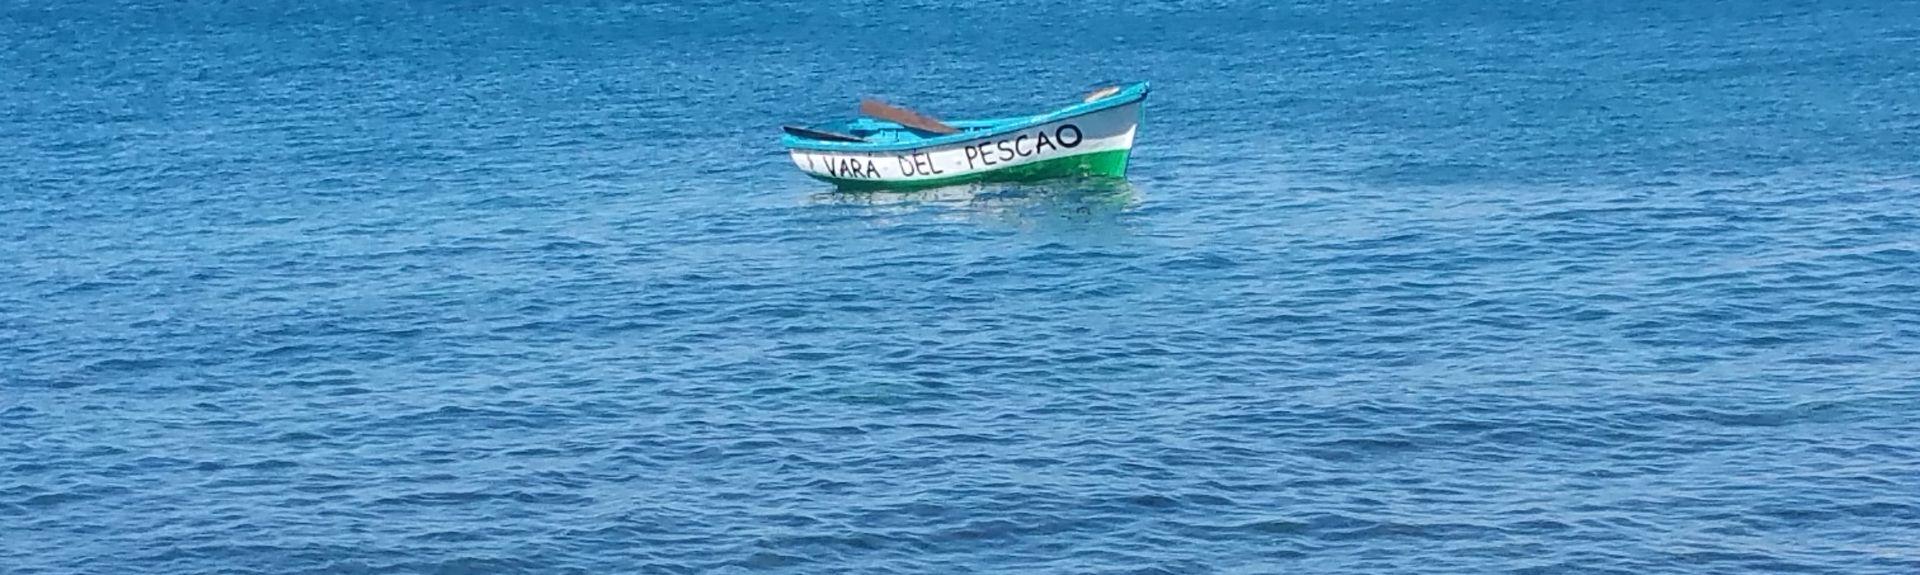 Aldea Blanca, San Bartolomé de Tirajana, Islas Canarias, España